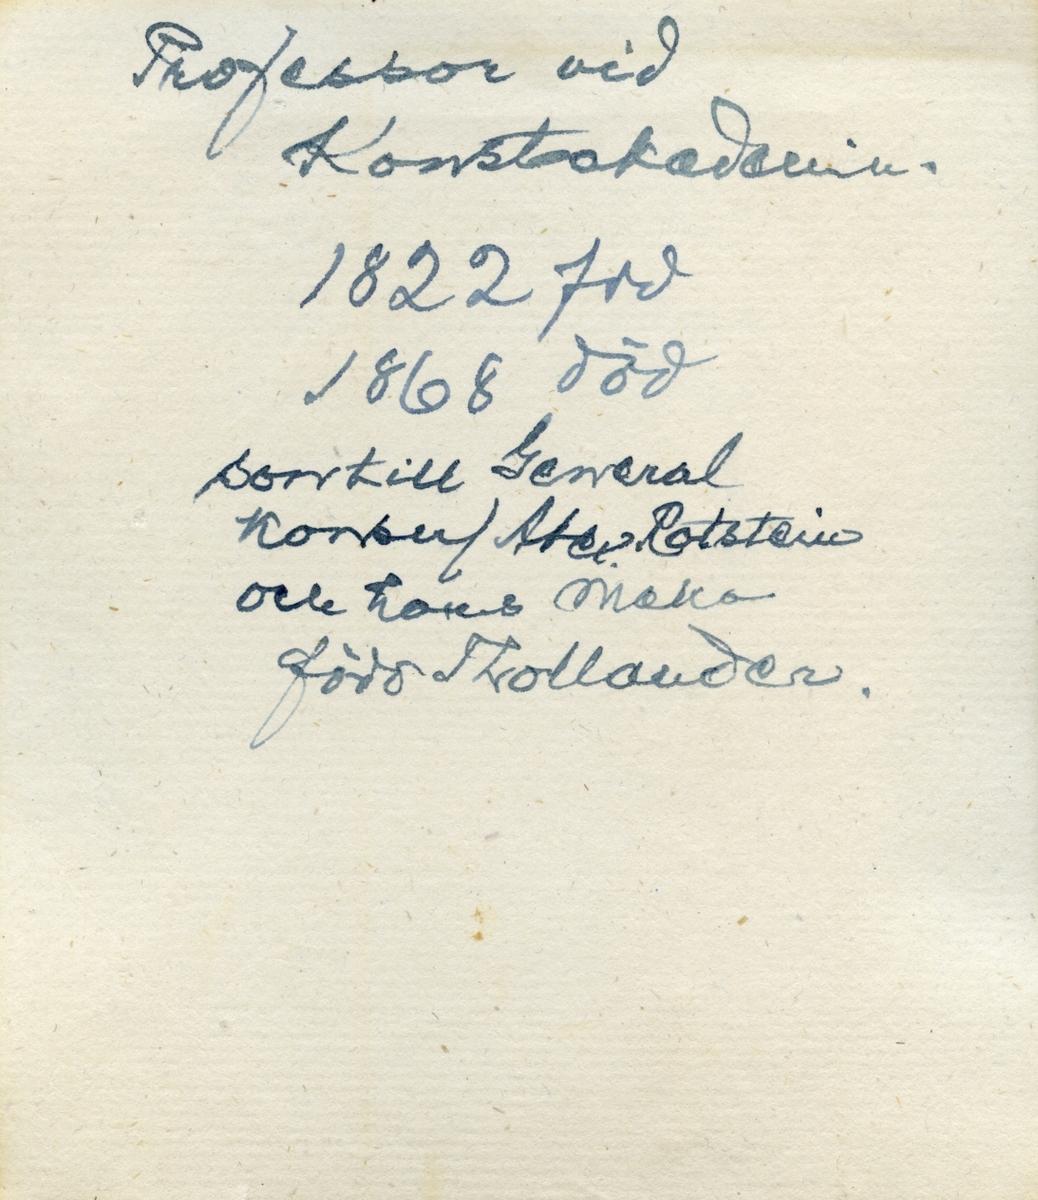 Porträtt av stadsarkitekt Emil Edvard von Rothstein. Född 1821 vid Erikssund i Sankt Pers socken, Sigtuna som son till konsul Gustaf von Rothstein och Anna Christina von Rothstein, född Thollander. Vidare gift med Christina Elisabeth von Knorring, född 1837 i Asby socken i Östergötland. Han genomgick studier i Hamburg och vid byggnadsakademin i Berlin 1843-1848. Efter studierna blev han extra ordinarie arkitekt vid Överintendentsämbetet i Stockholm. Han var anställd som arbetschef för Stockholms stads vattenbyggnader 1849-1875 varvid han uppgjorde ritningar och förslag till Karlsbergskanalen, kajerna på Blasieholmen, Strandvägen, Vasabron och Veterinärinstitutet. von Rothstein var även lärare vid Konstakademin inom byggnadslära en tid och 1871 blev han professor inom arkitektur. Genom sitt testamente gjorde han en donation till Serafimerlasarettet där en minnestavla om honom finns och instiftade samtidigt von Rothsteinska stipendiet för arkitekturstuderande. Emil Edvard von Rothstein dog den 29 november 1890 i Stockholm.